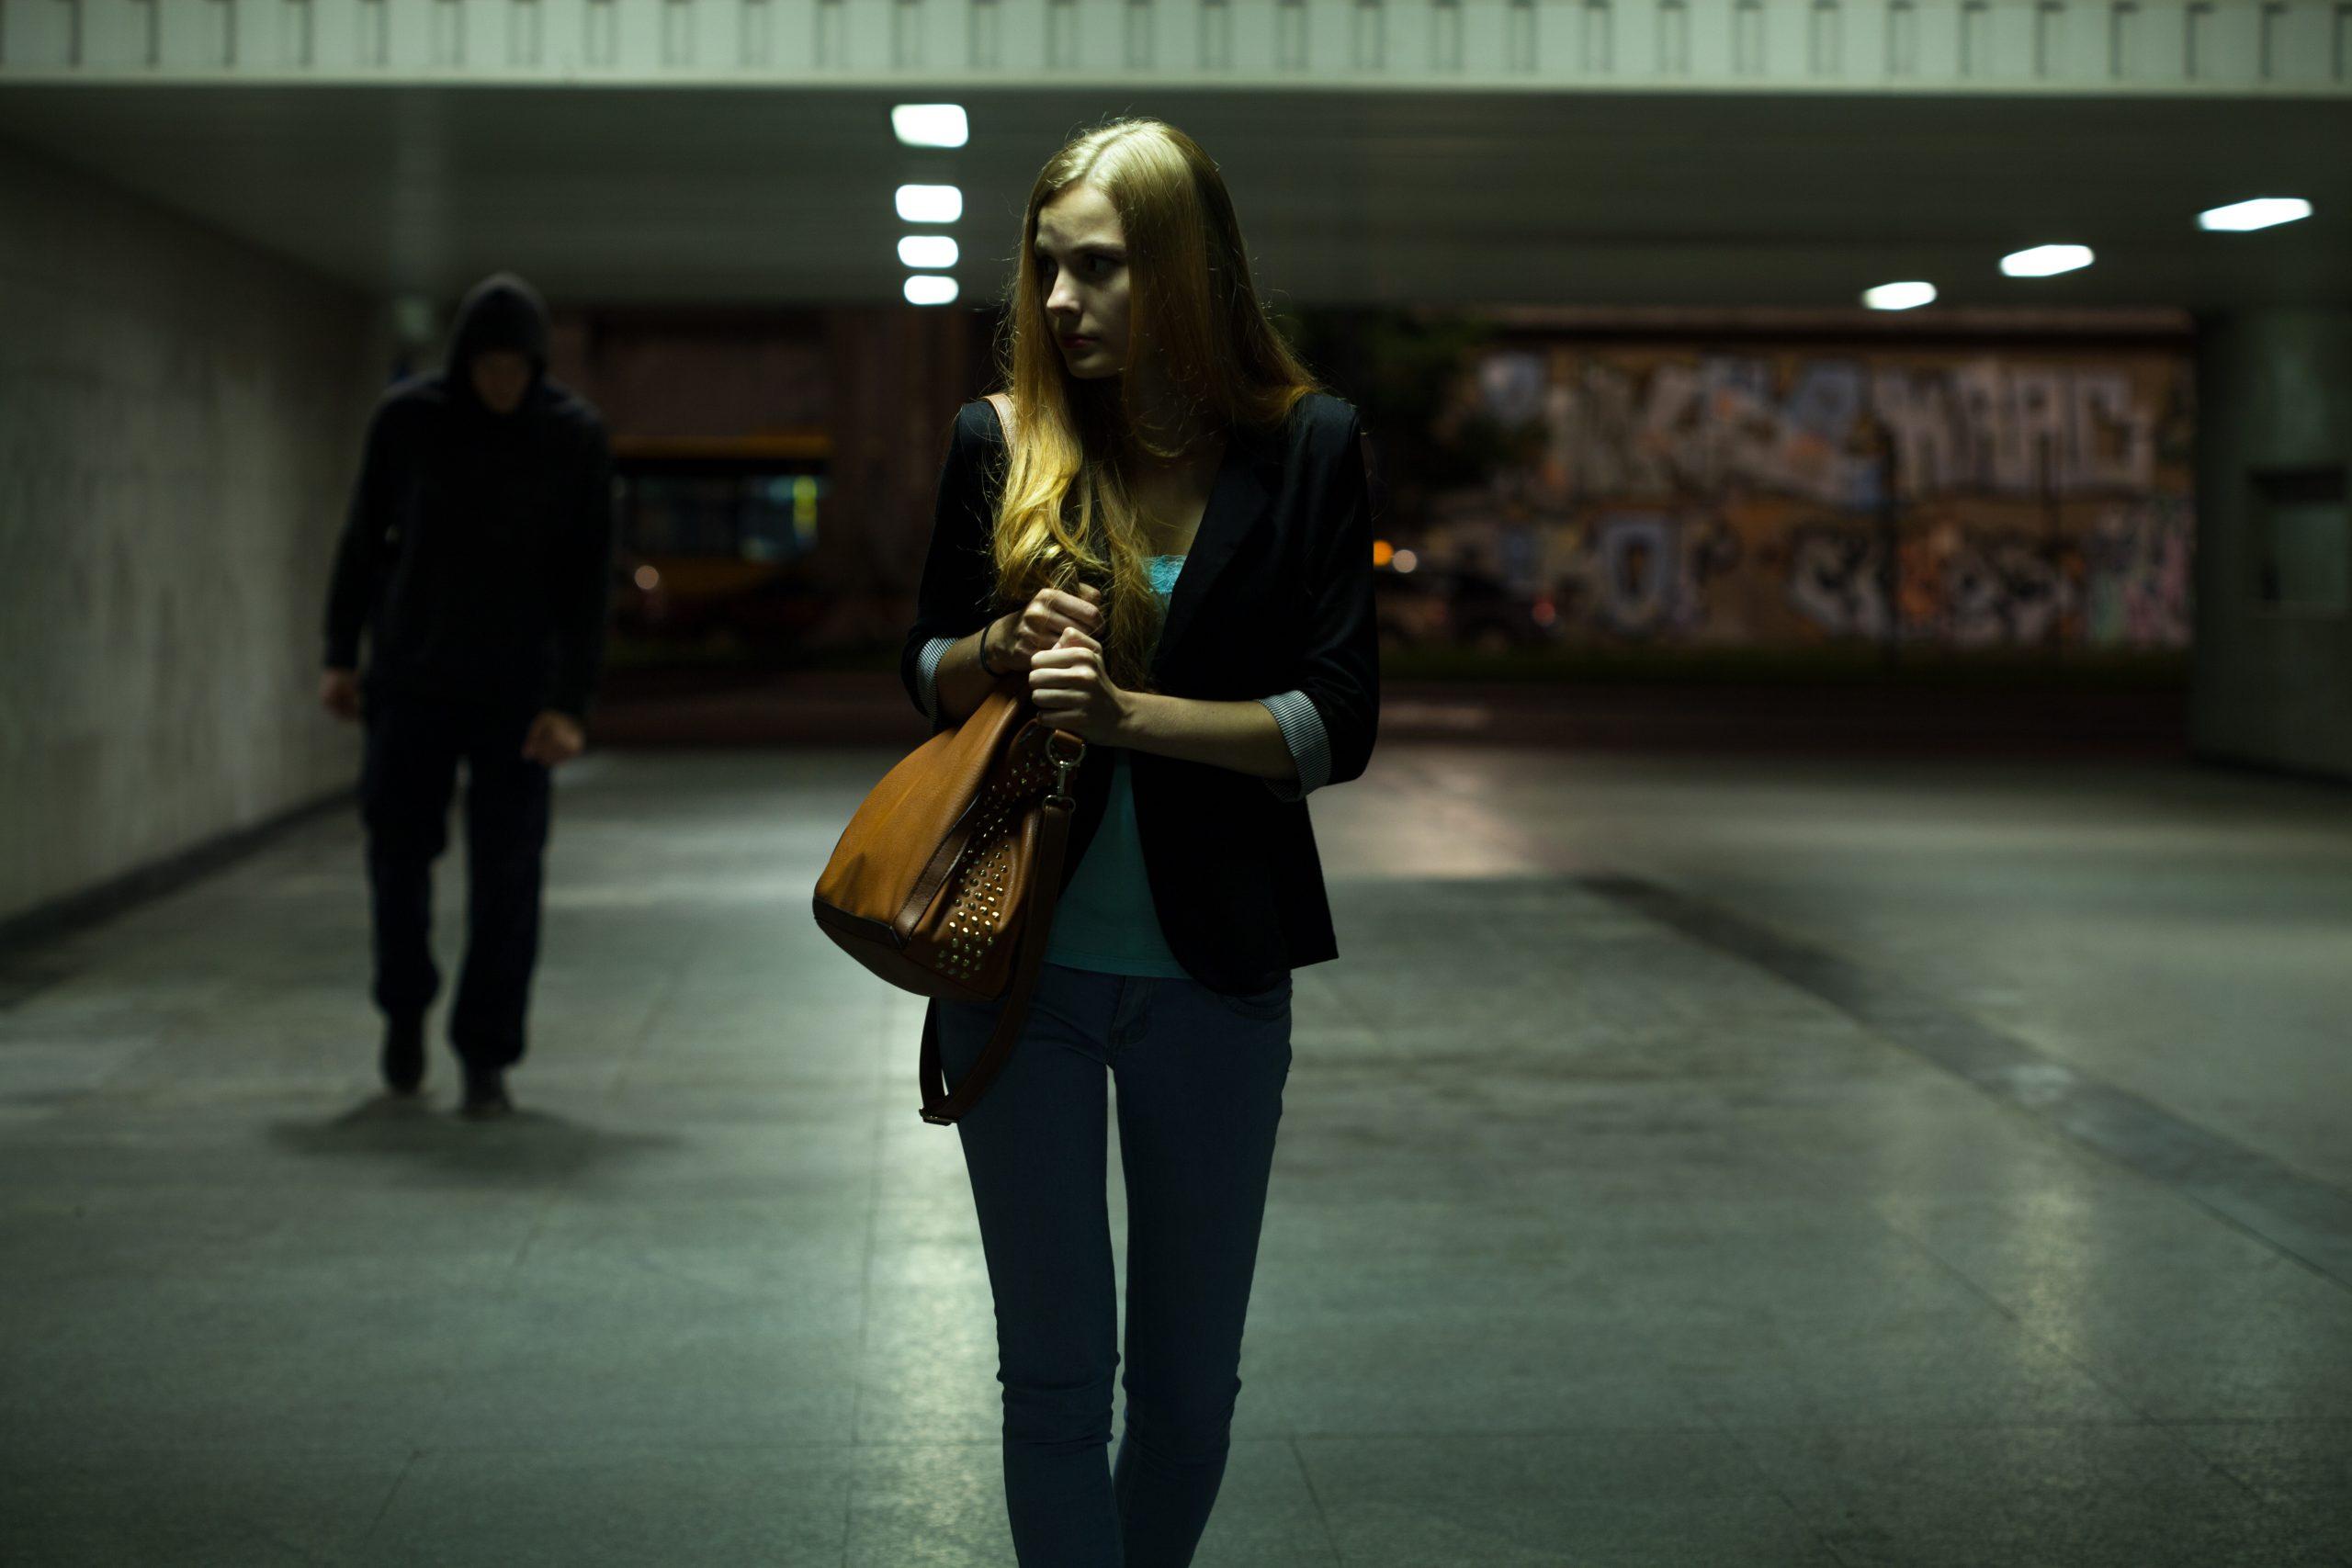 woman-walking-image